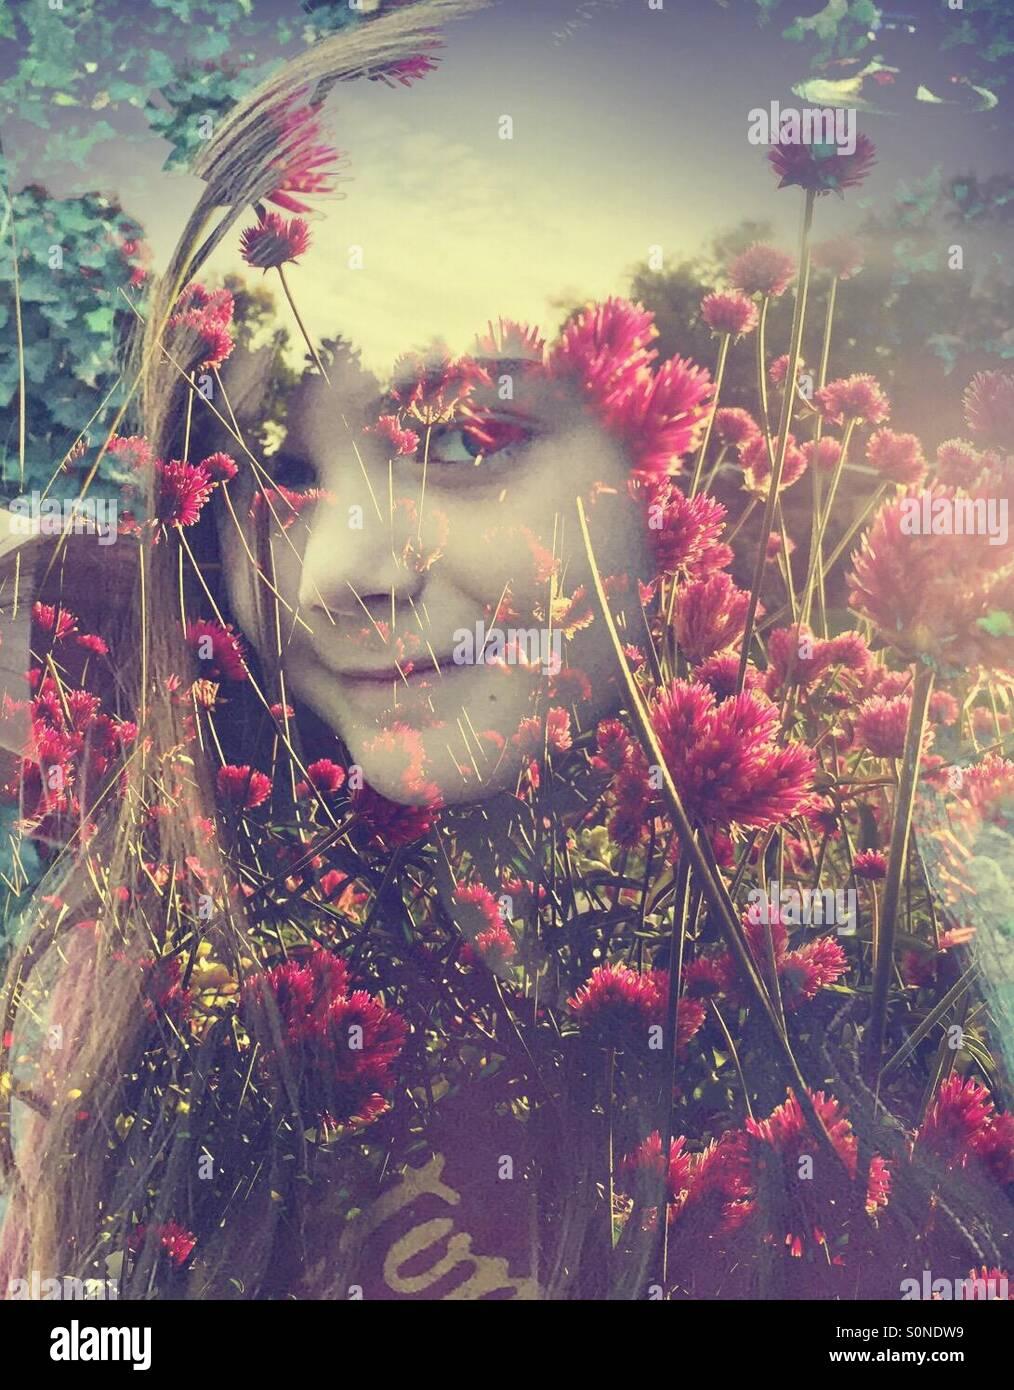 Eine Doppelbelichtung Bild von einem Mädchen sitzen vor dem Hintergrund der rosa Wildblumen. Stockbild